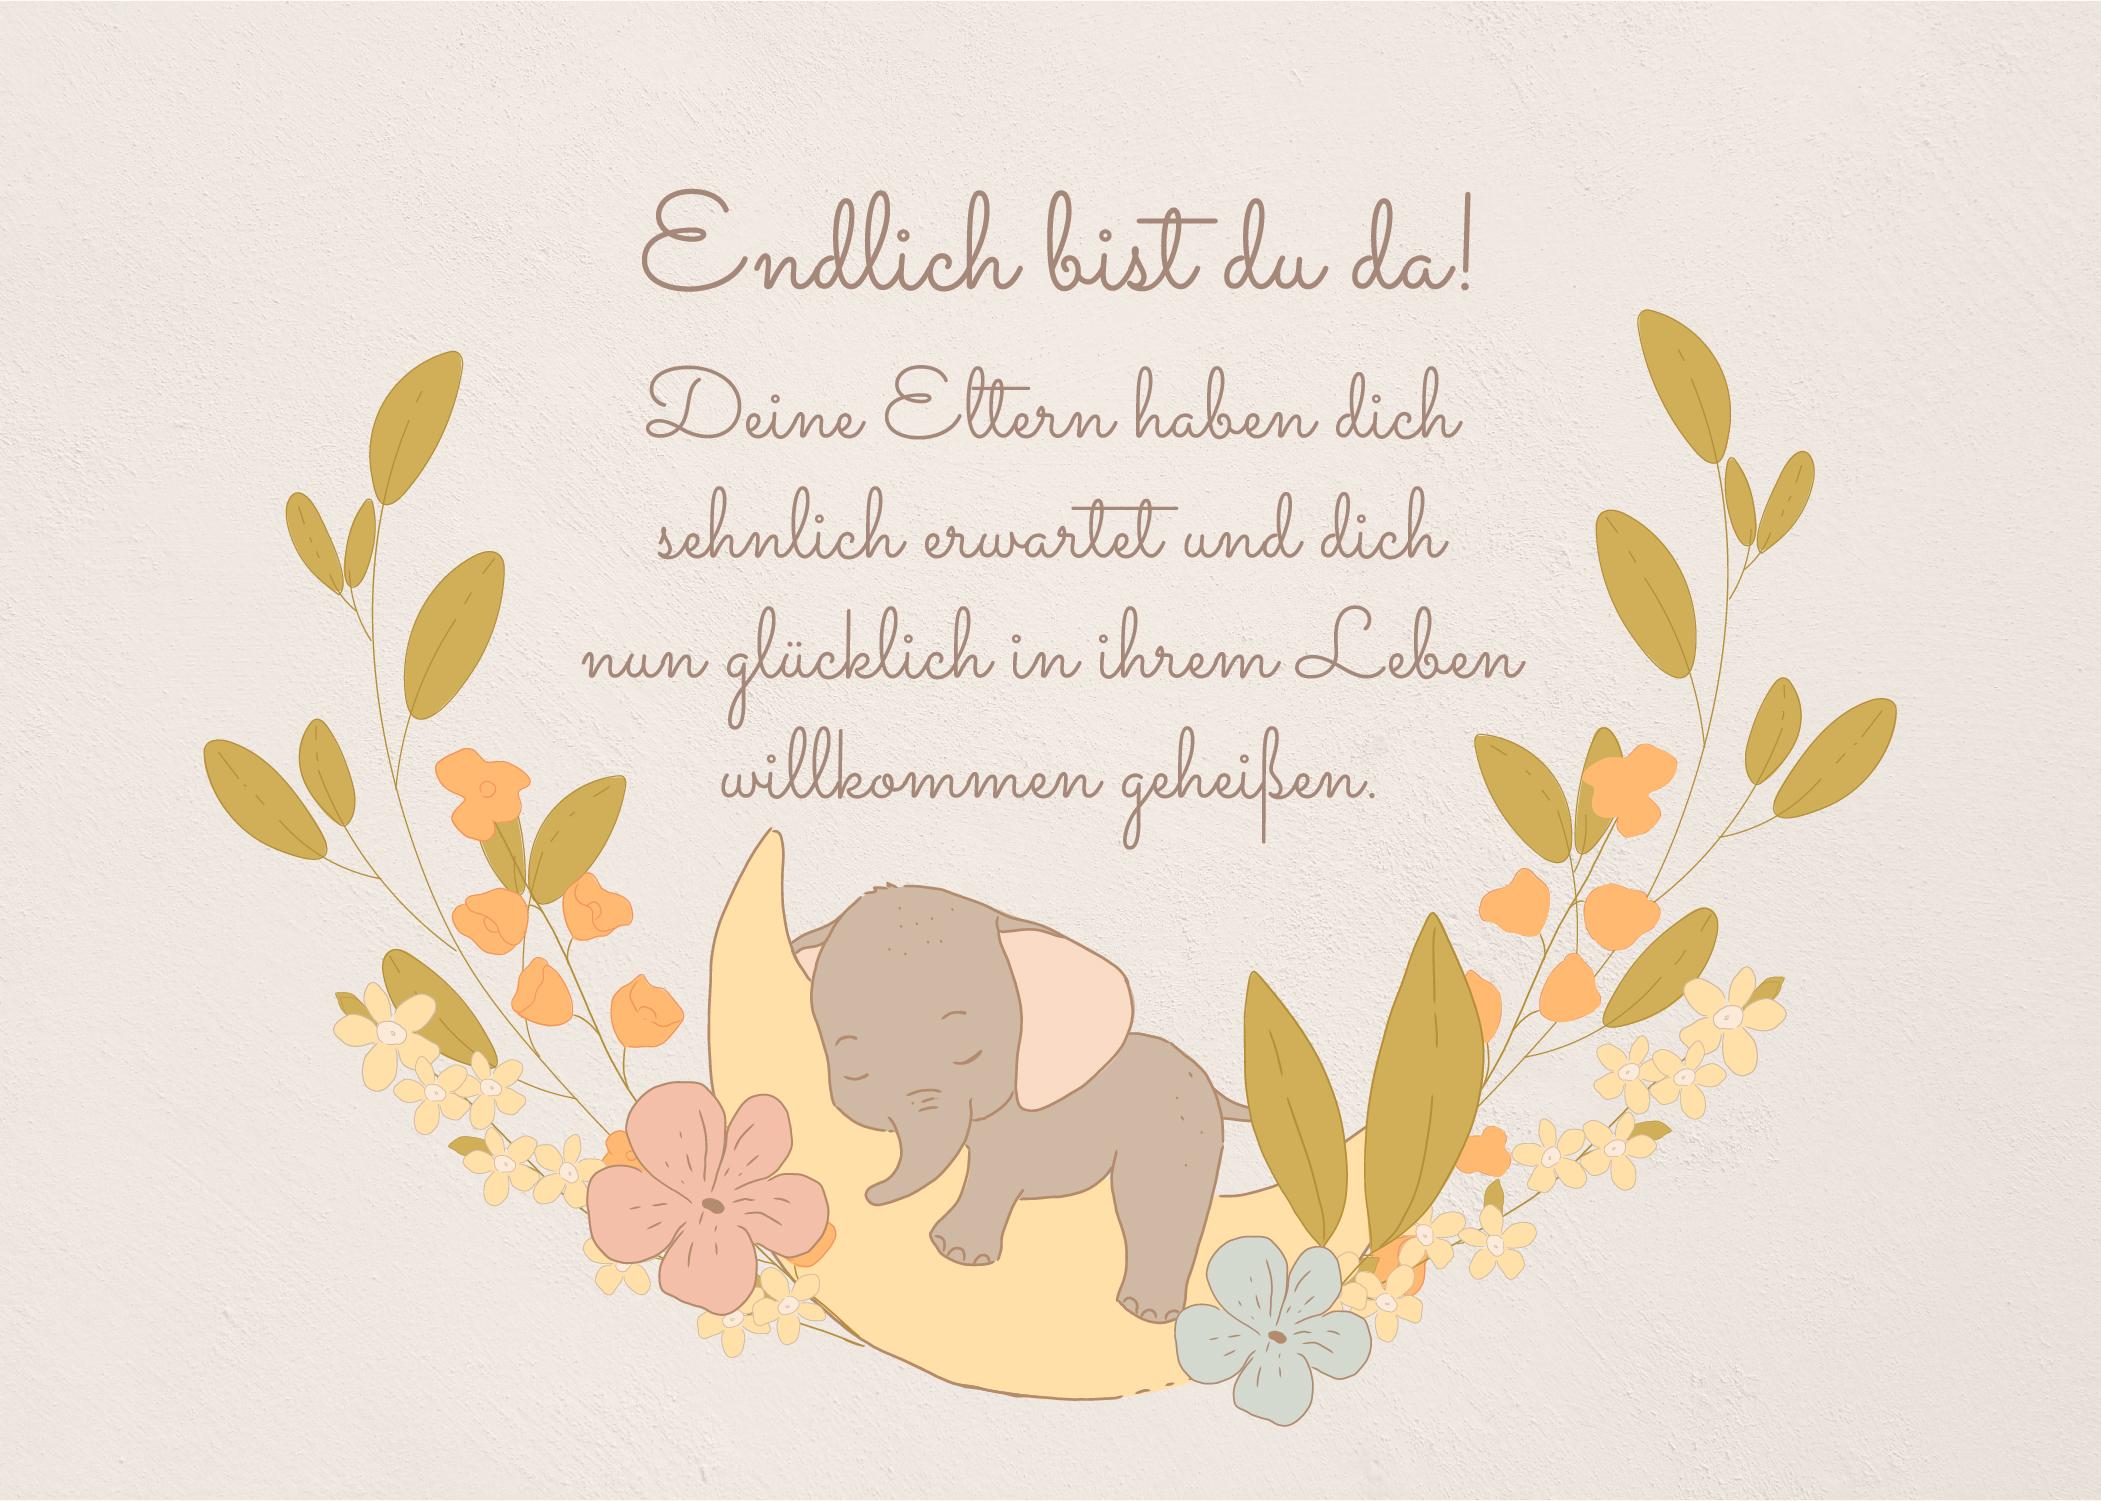 Geburtswünsche für Baby & Eltern - Geburtskarte mit schönen Spruch zum kostenlosen Download